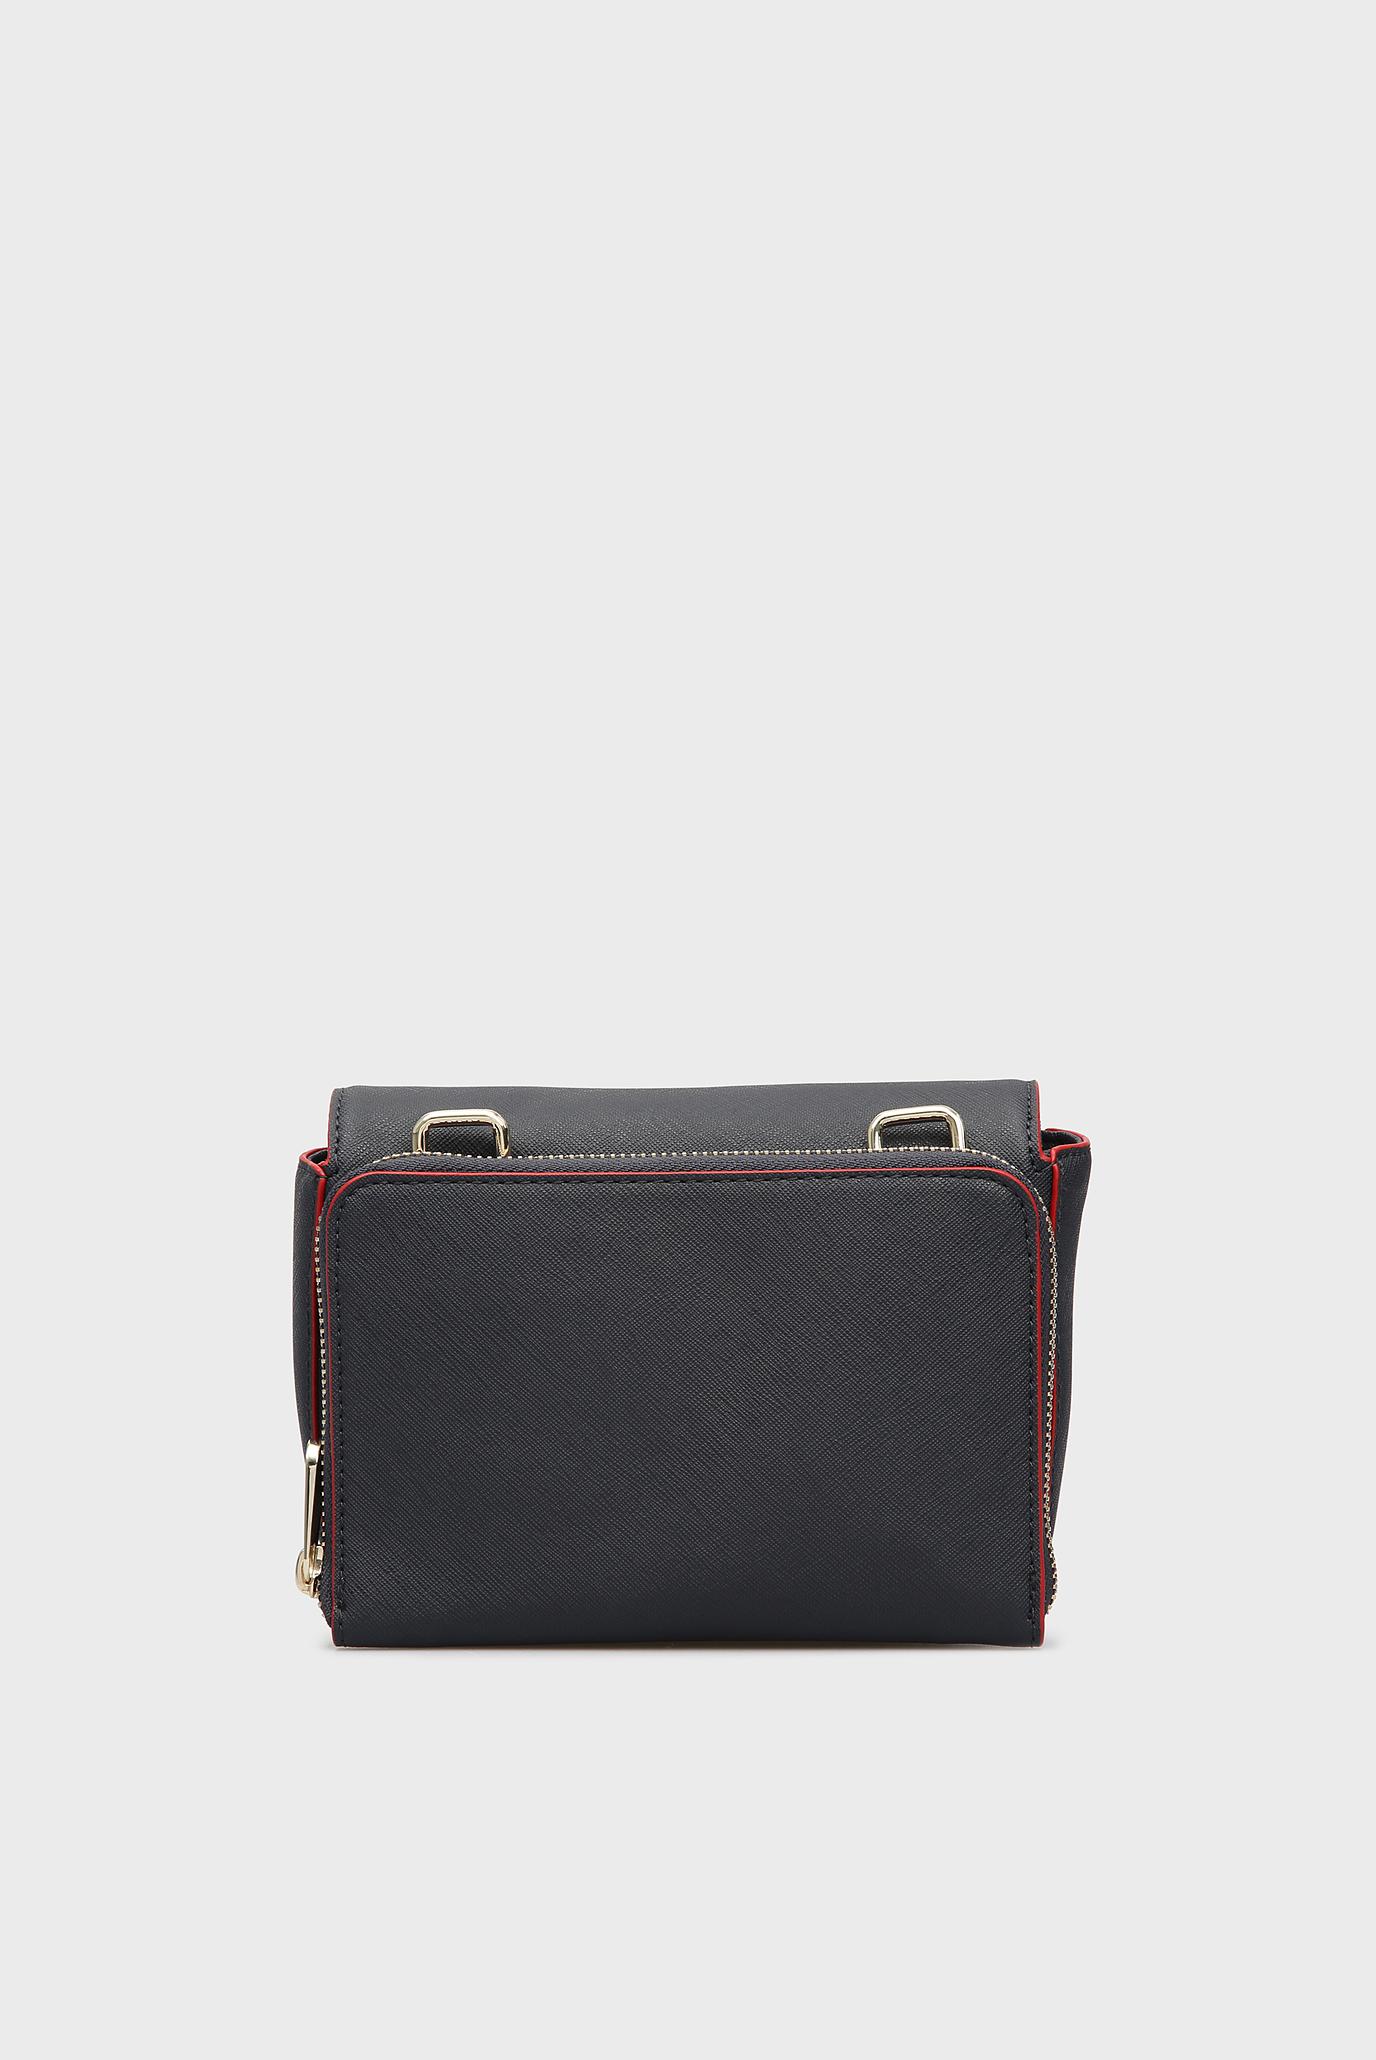 Купить Женская темно-синяя сумка через плечо HONEY MINI CROSSOVER Tommy Hilfiger Tommy Hilfiger AW0AW05654 – Киев, Украина. Цены в интернет магазине MD Fashion